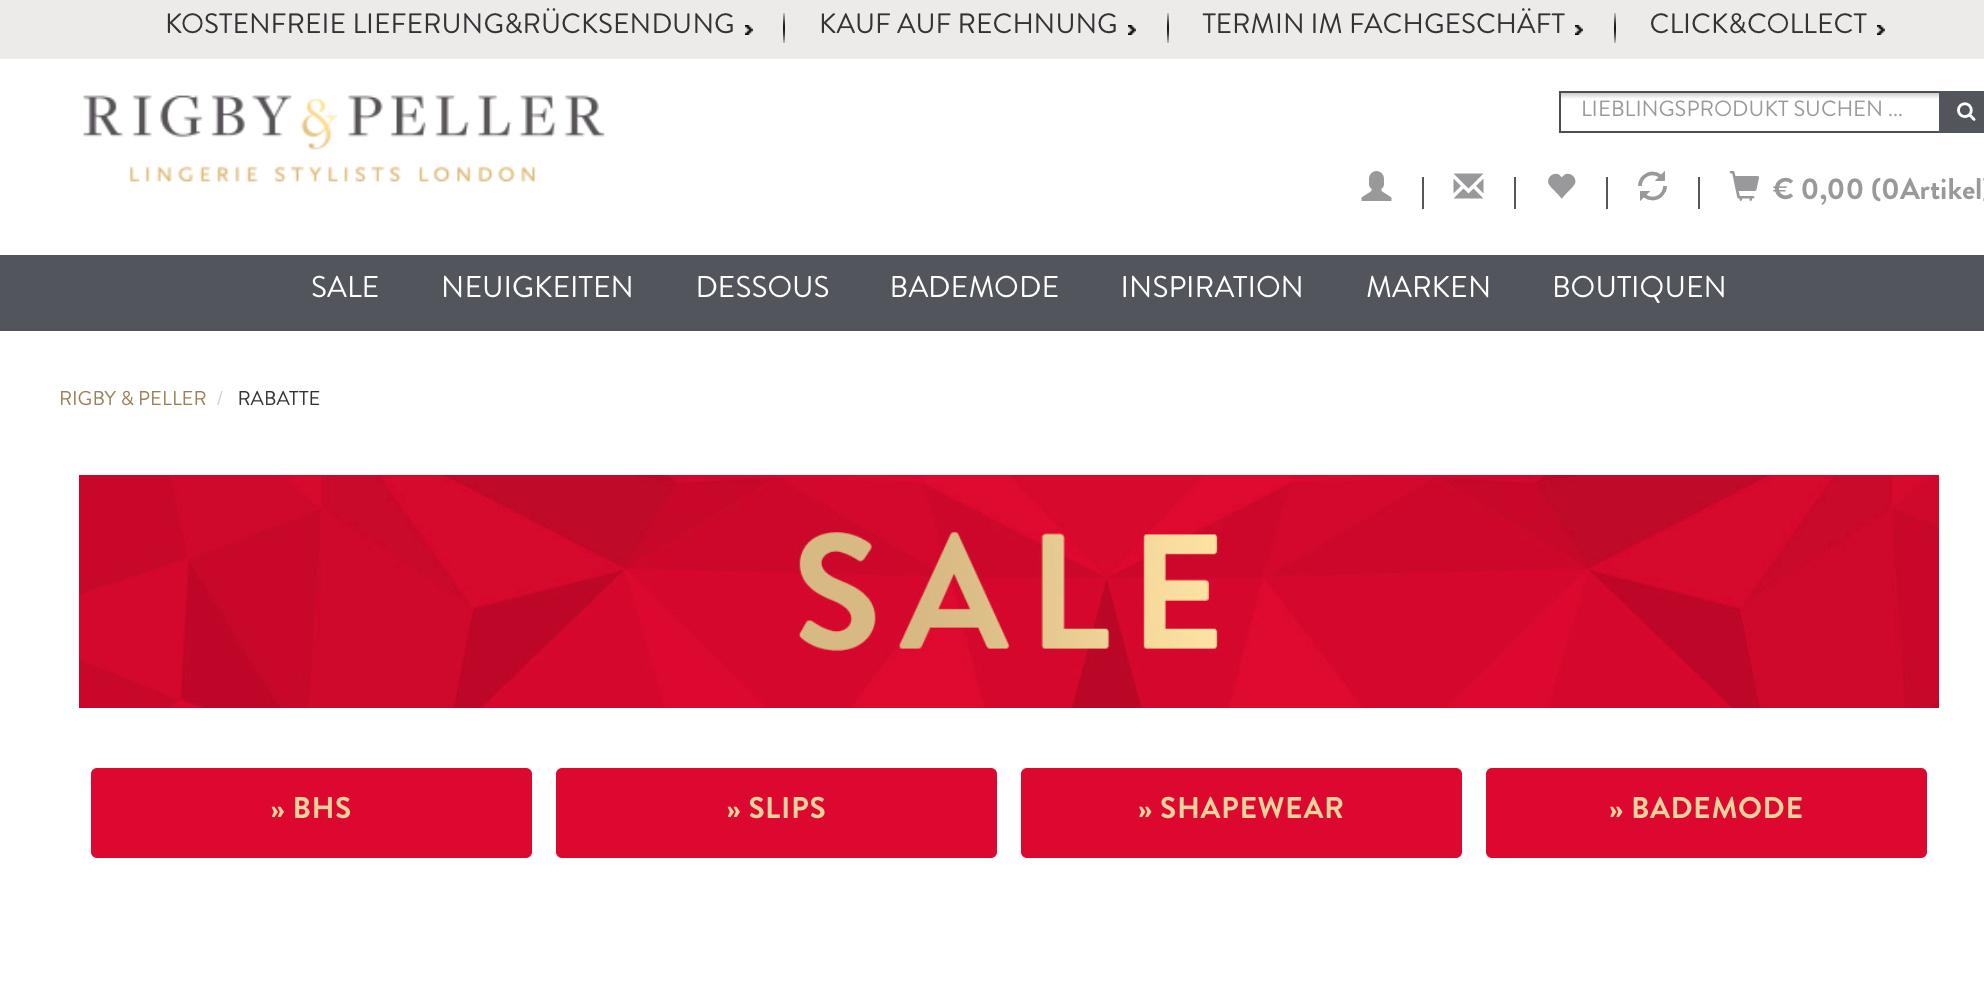 Sale bei Rigby & Peller: hochwertige Unterwäsche und Dessous z.B. Marie Jo